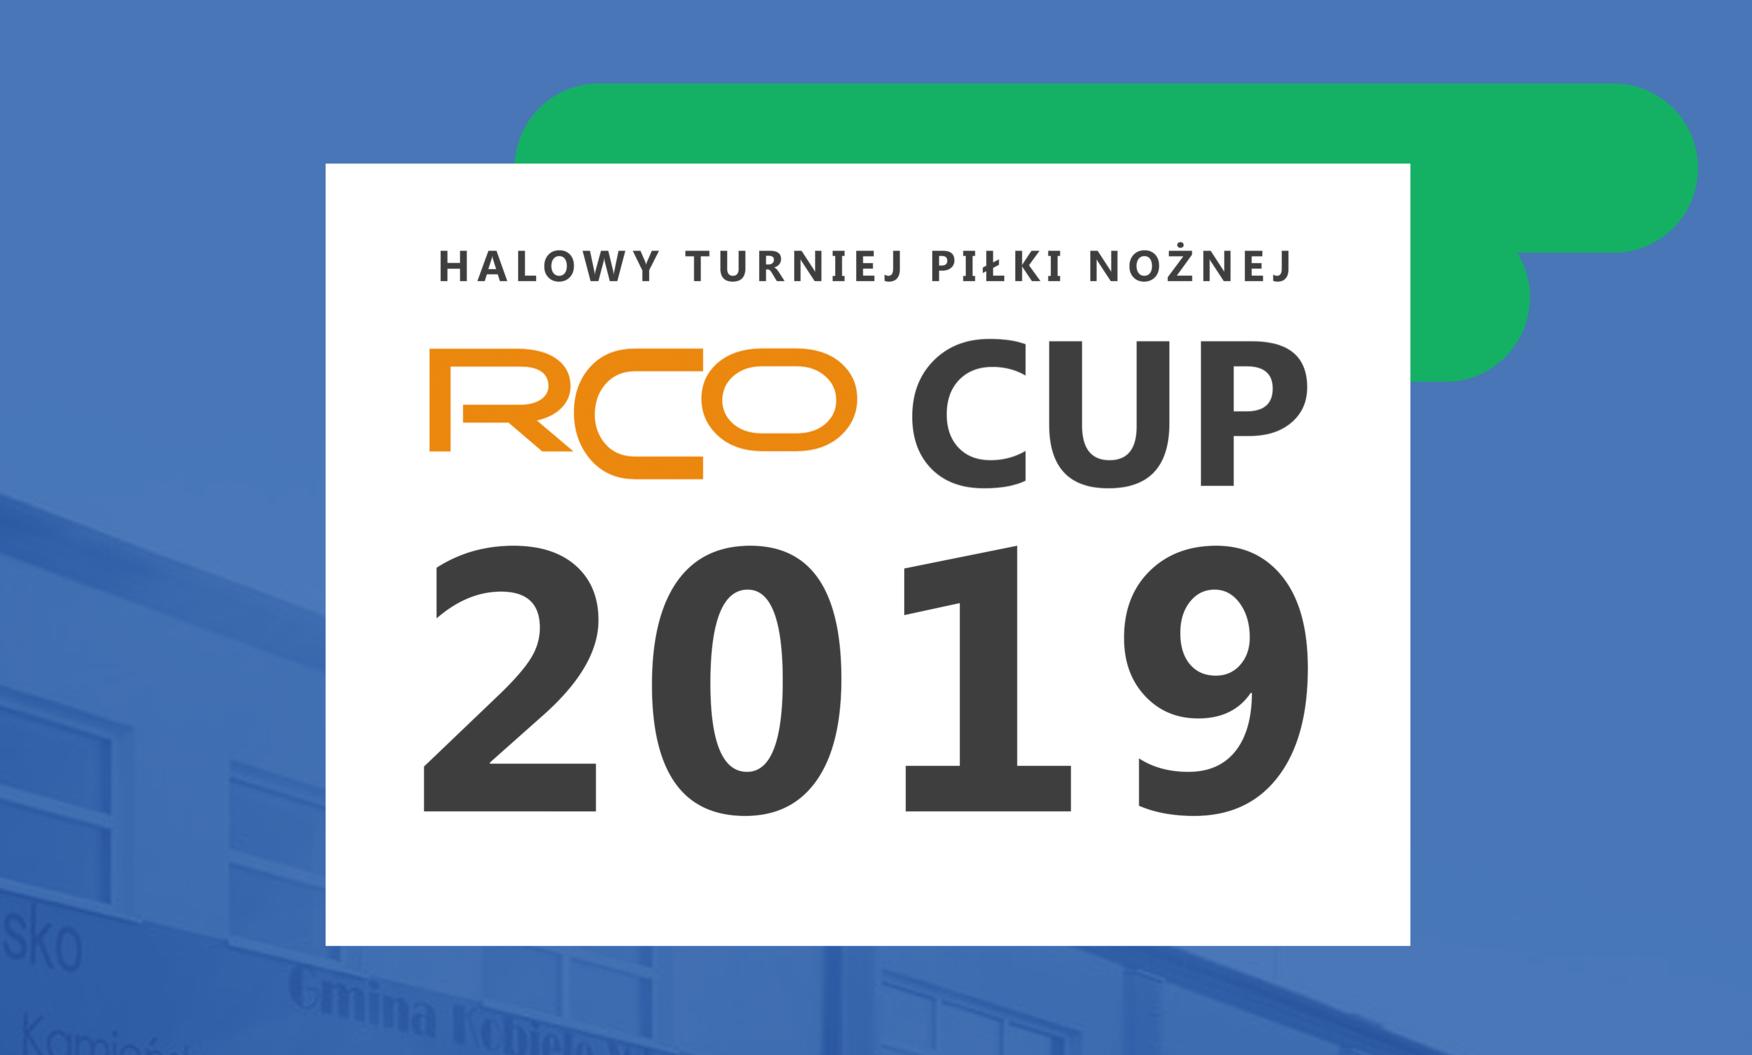 Halowy Turniej Piłki Nożnej RCO CUP 2019